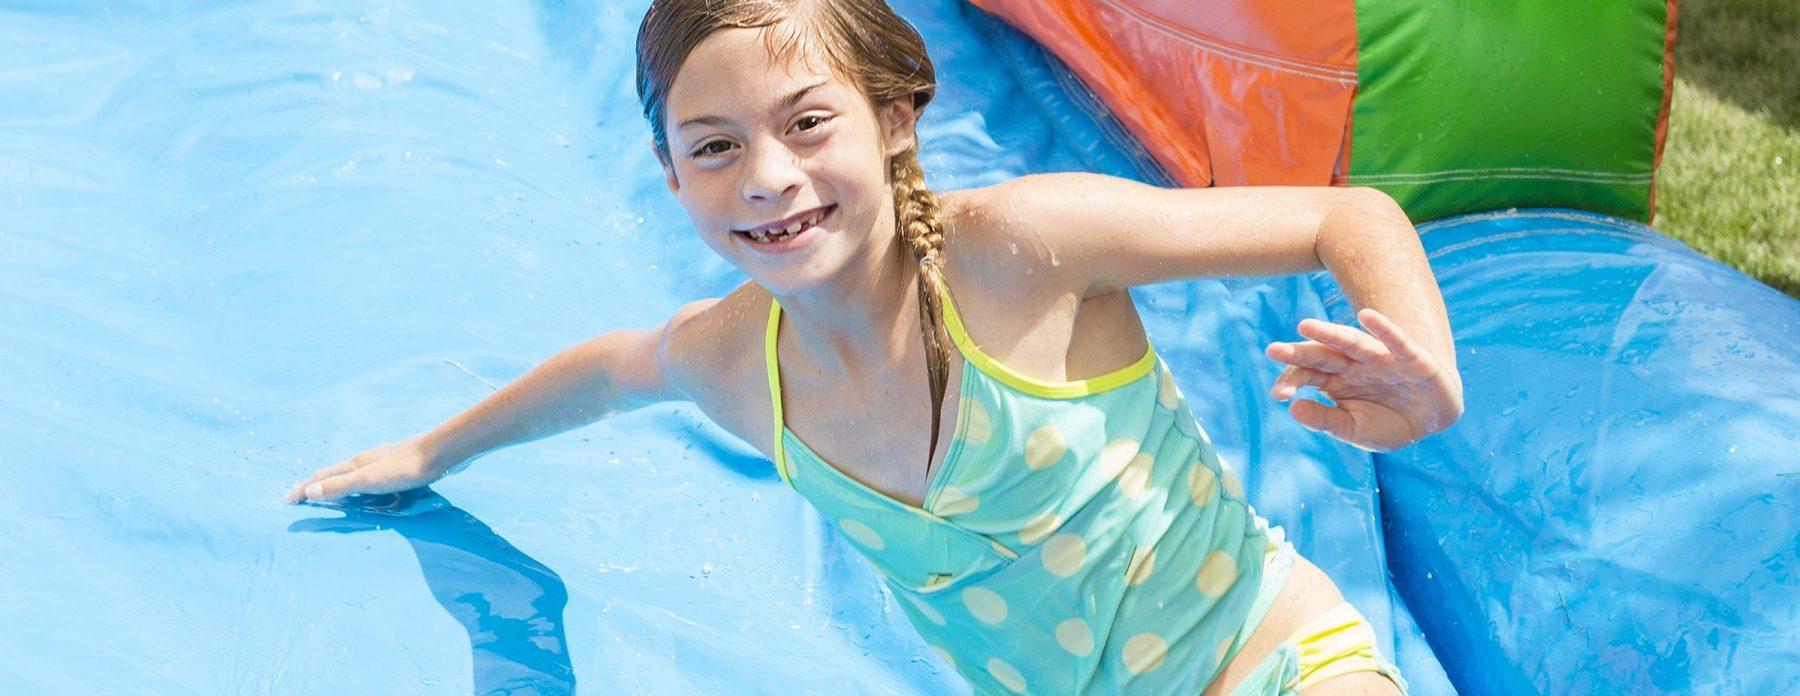 Bild Mädchen auf Hüpfburg mit Wasserrutsche